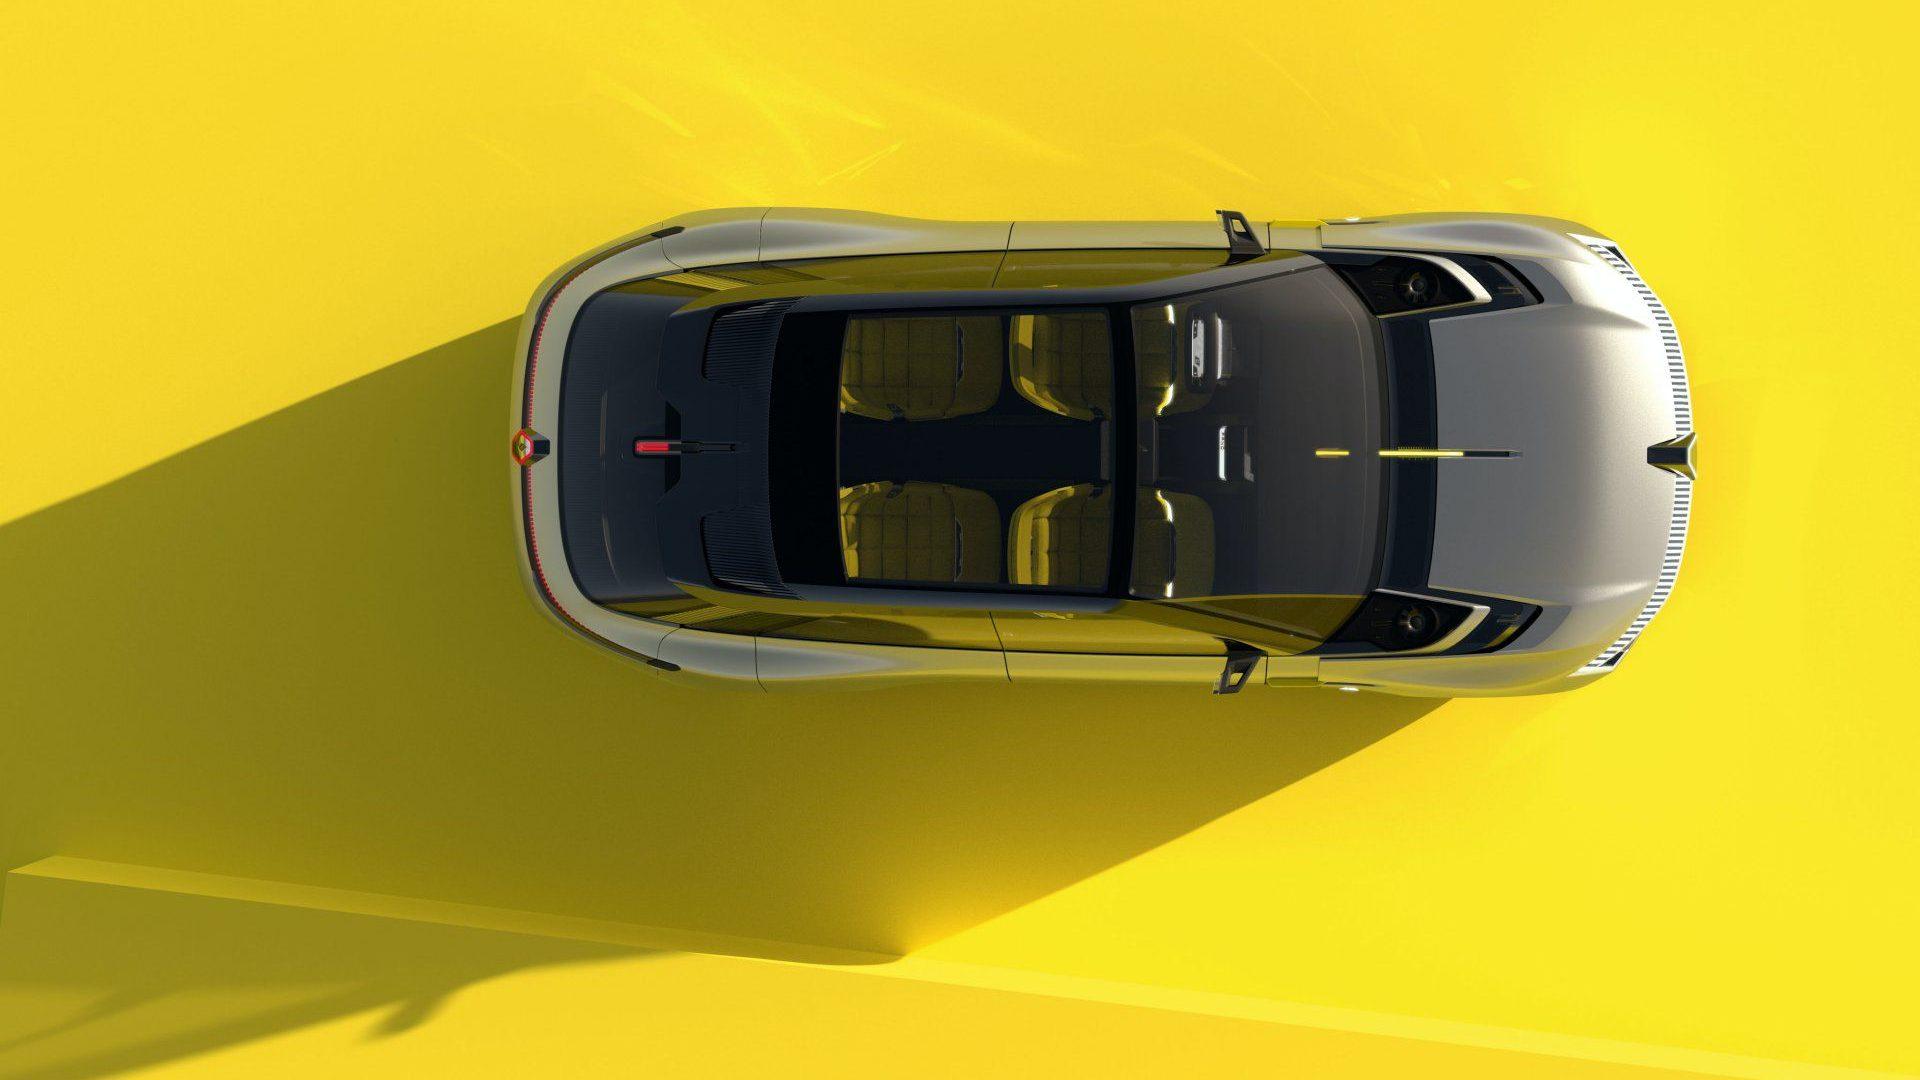 2020-Renault-Morphoz-Concept-020